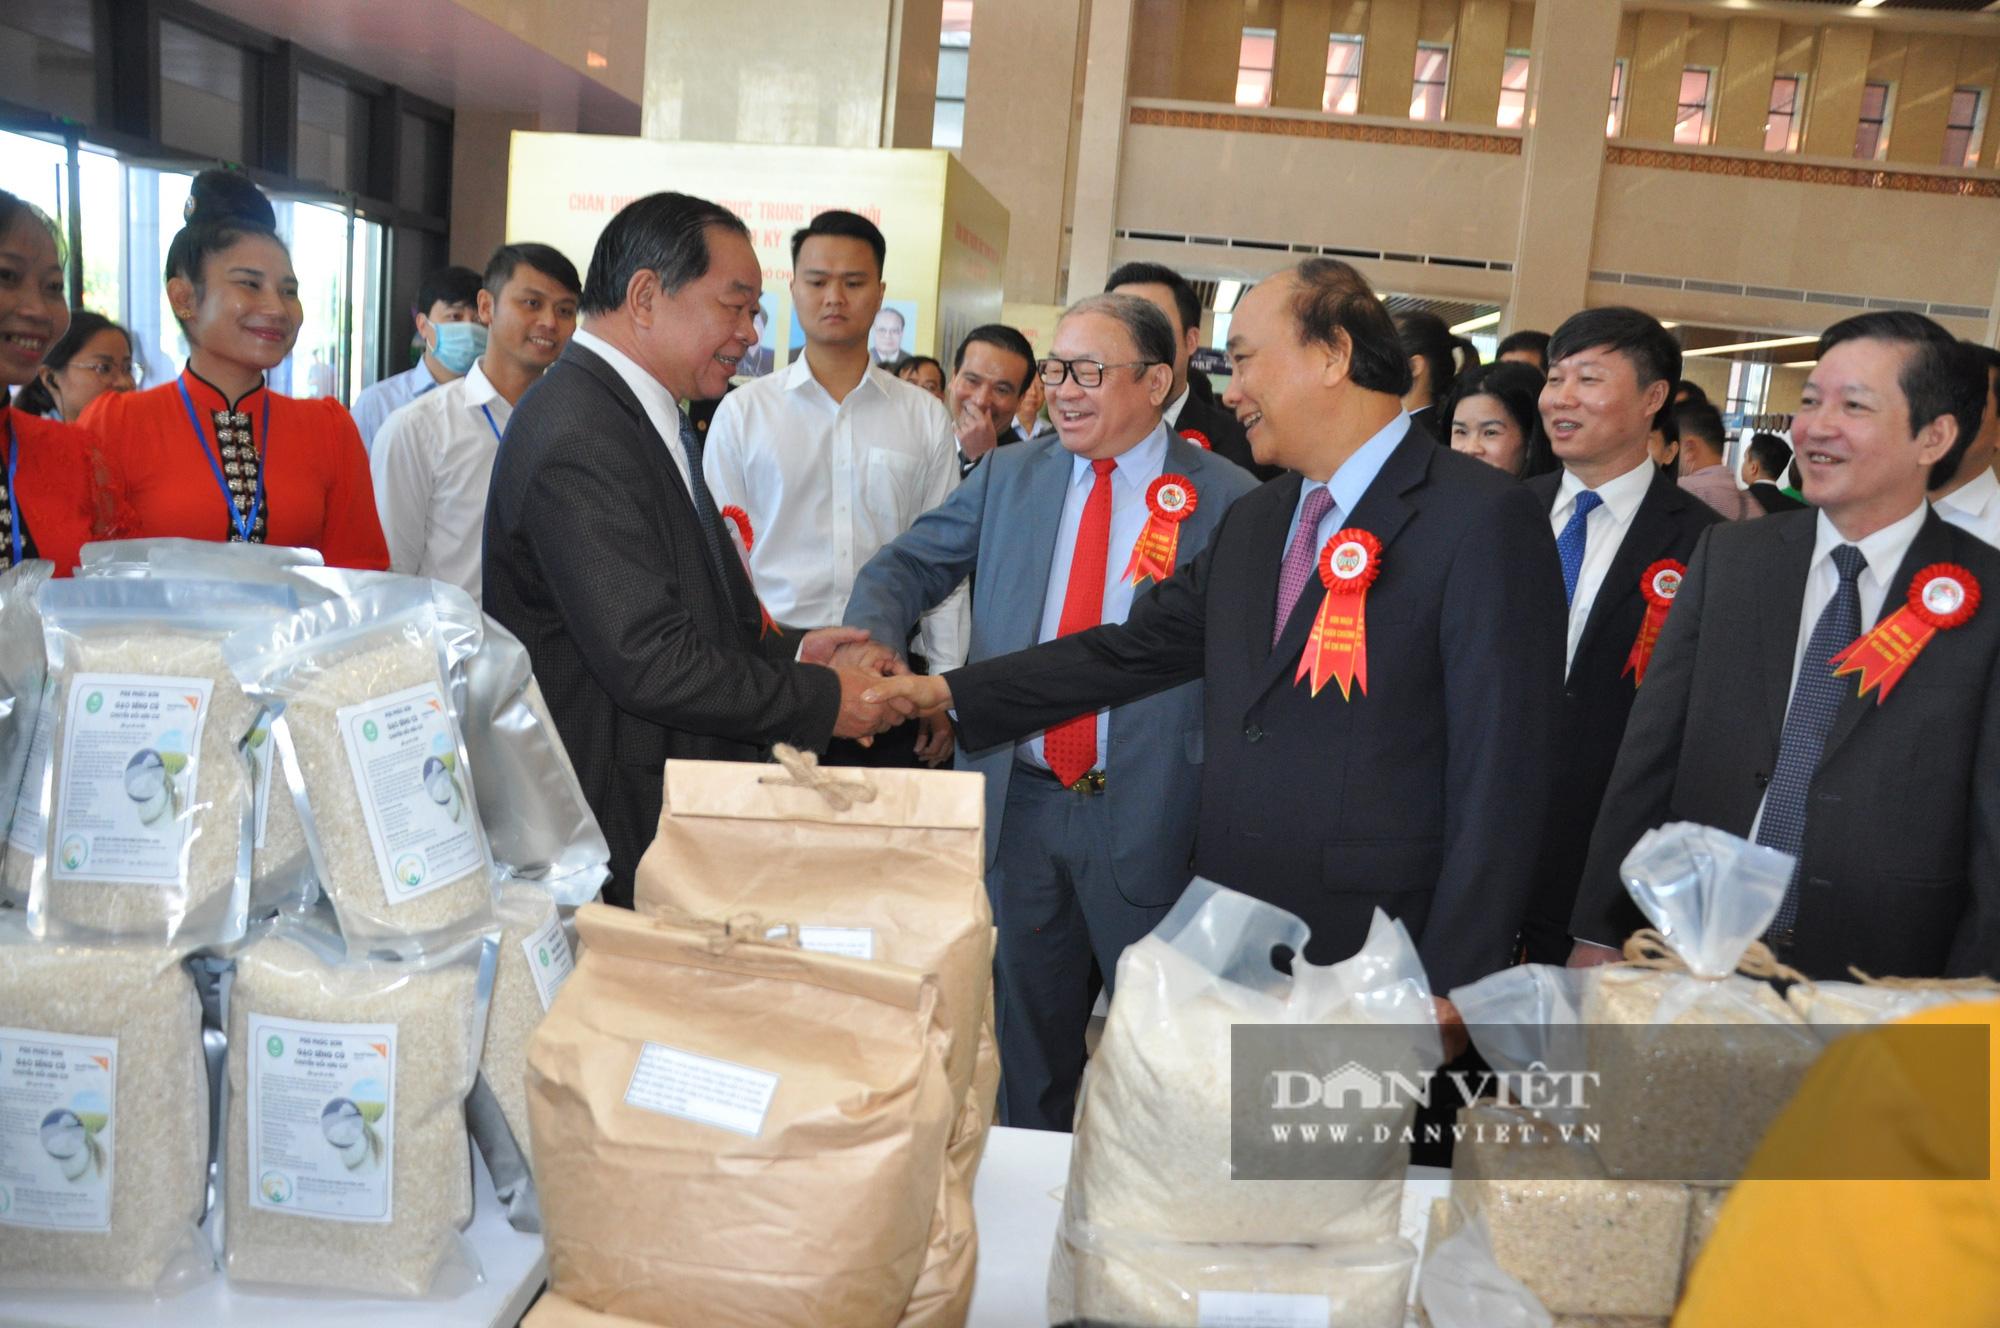 Thủ tướng khen ngợi sản phẩm hữu cơ độc đáo tại Lễ kỷ niệm 90 năm ngày thành lập Hội Nông dân Việt Nam - Ảnh 2.